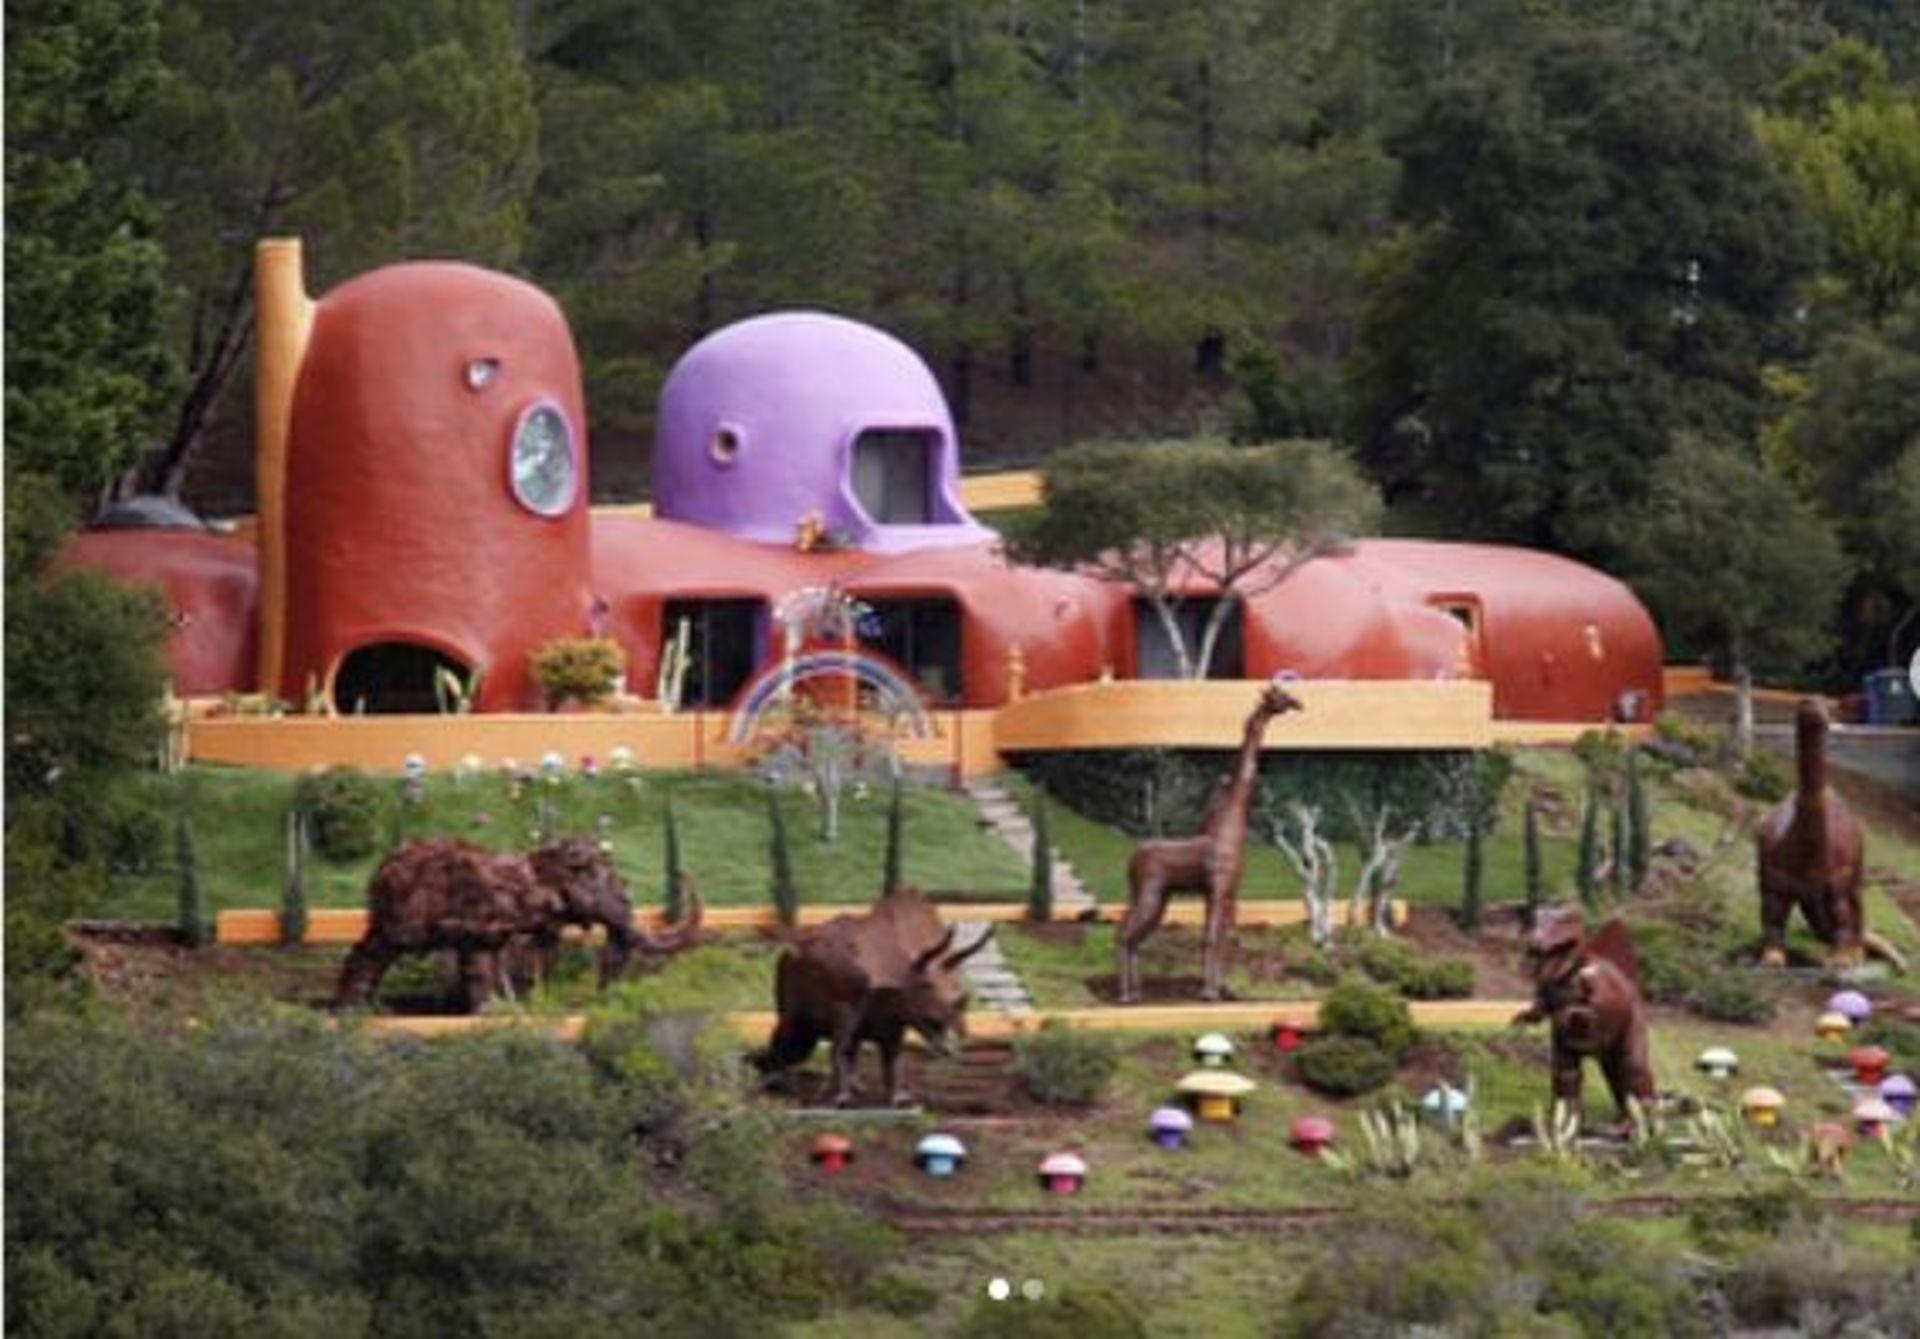 Petitioners decry Flintstone House lawsuit